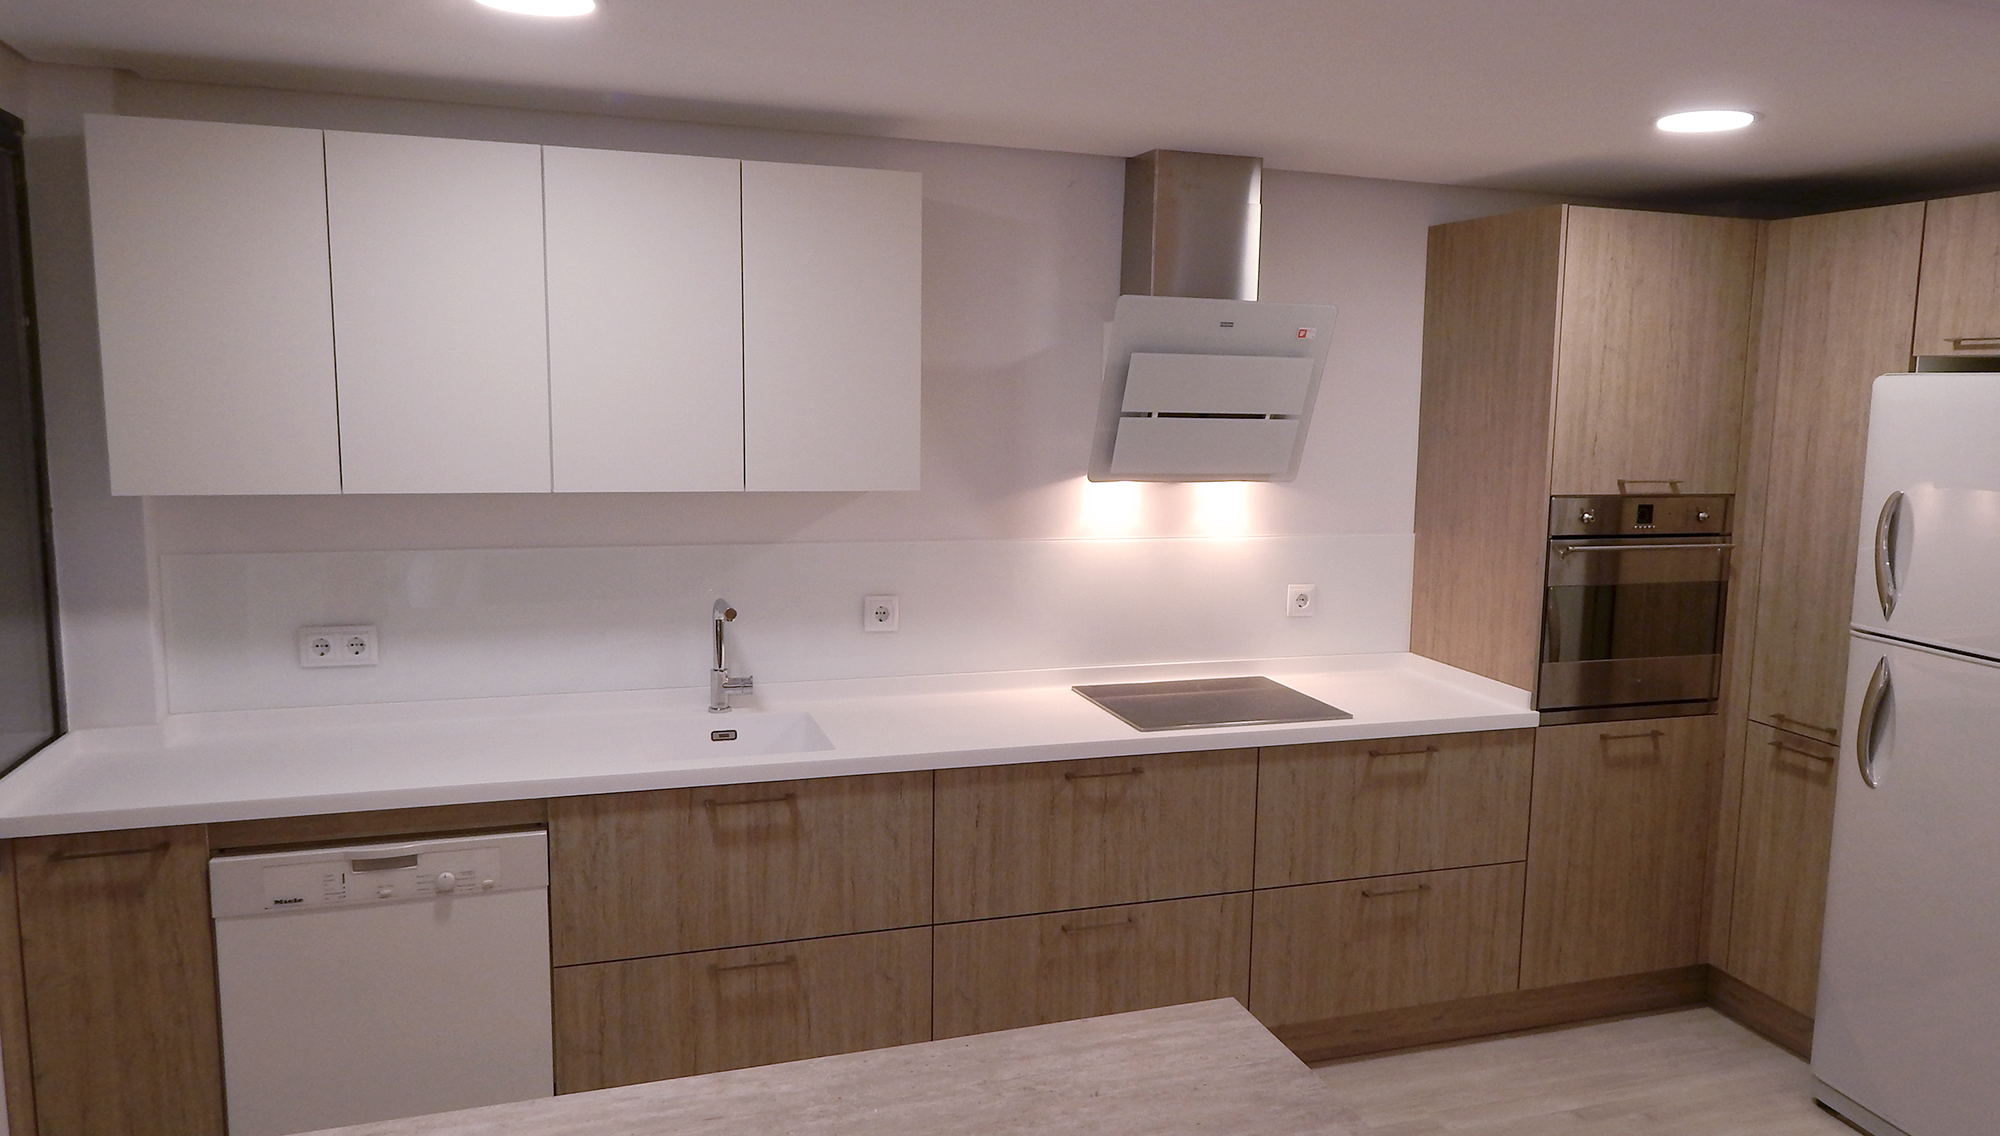 Muebles de cocina en roble gris seda  cocinasalemanascom